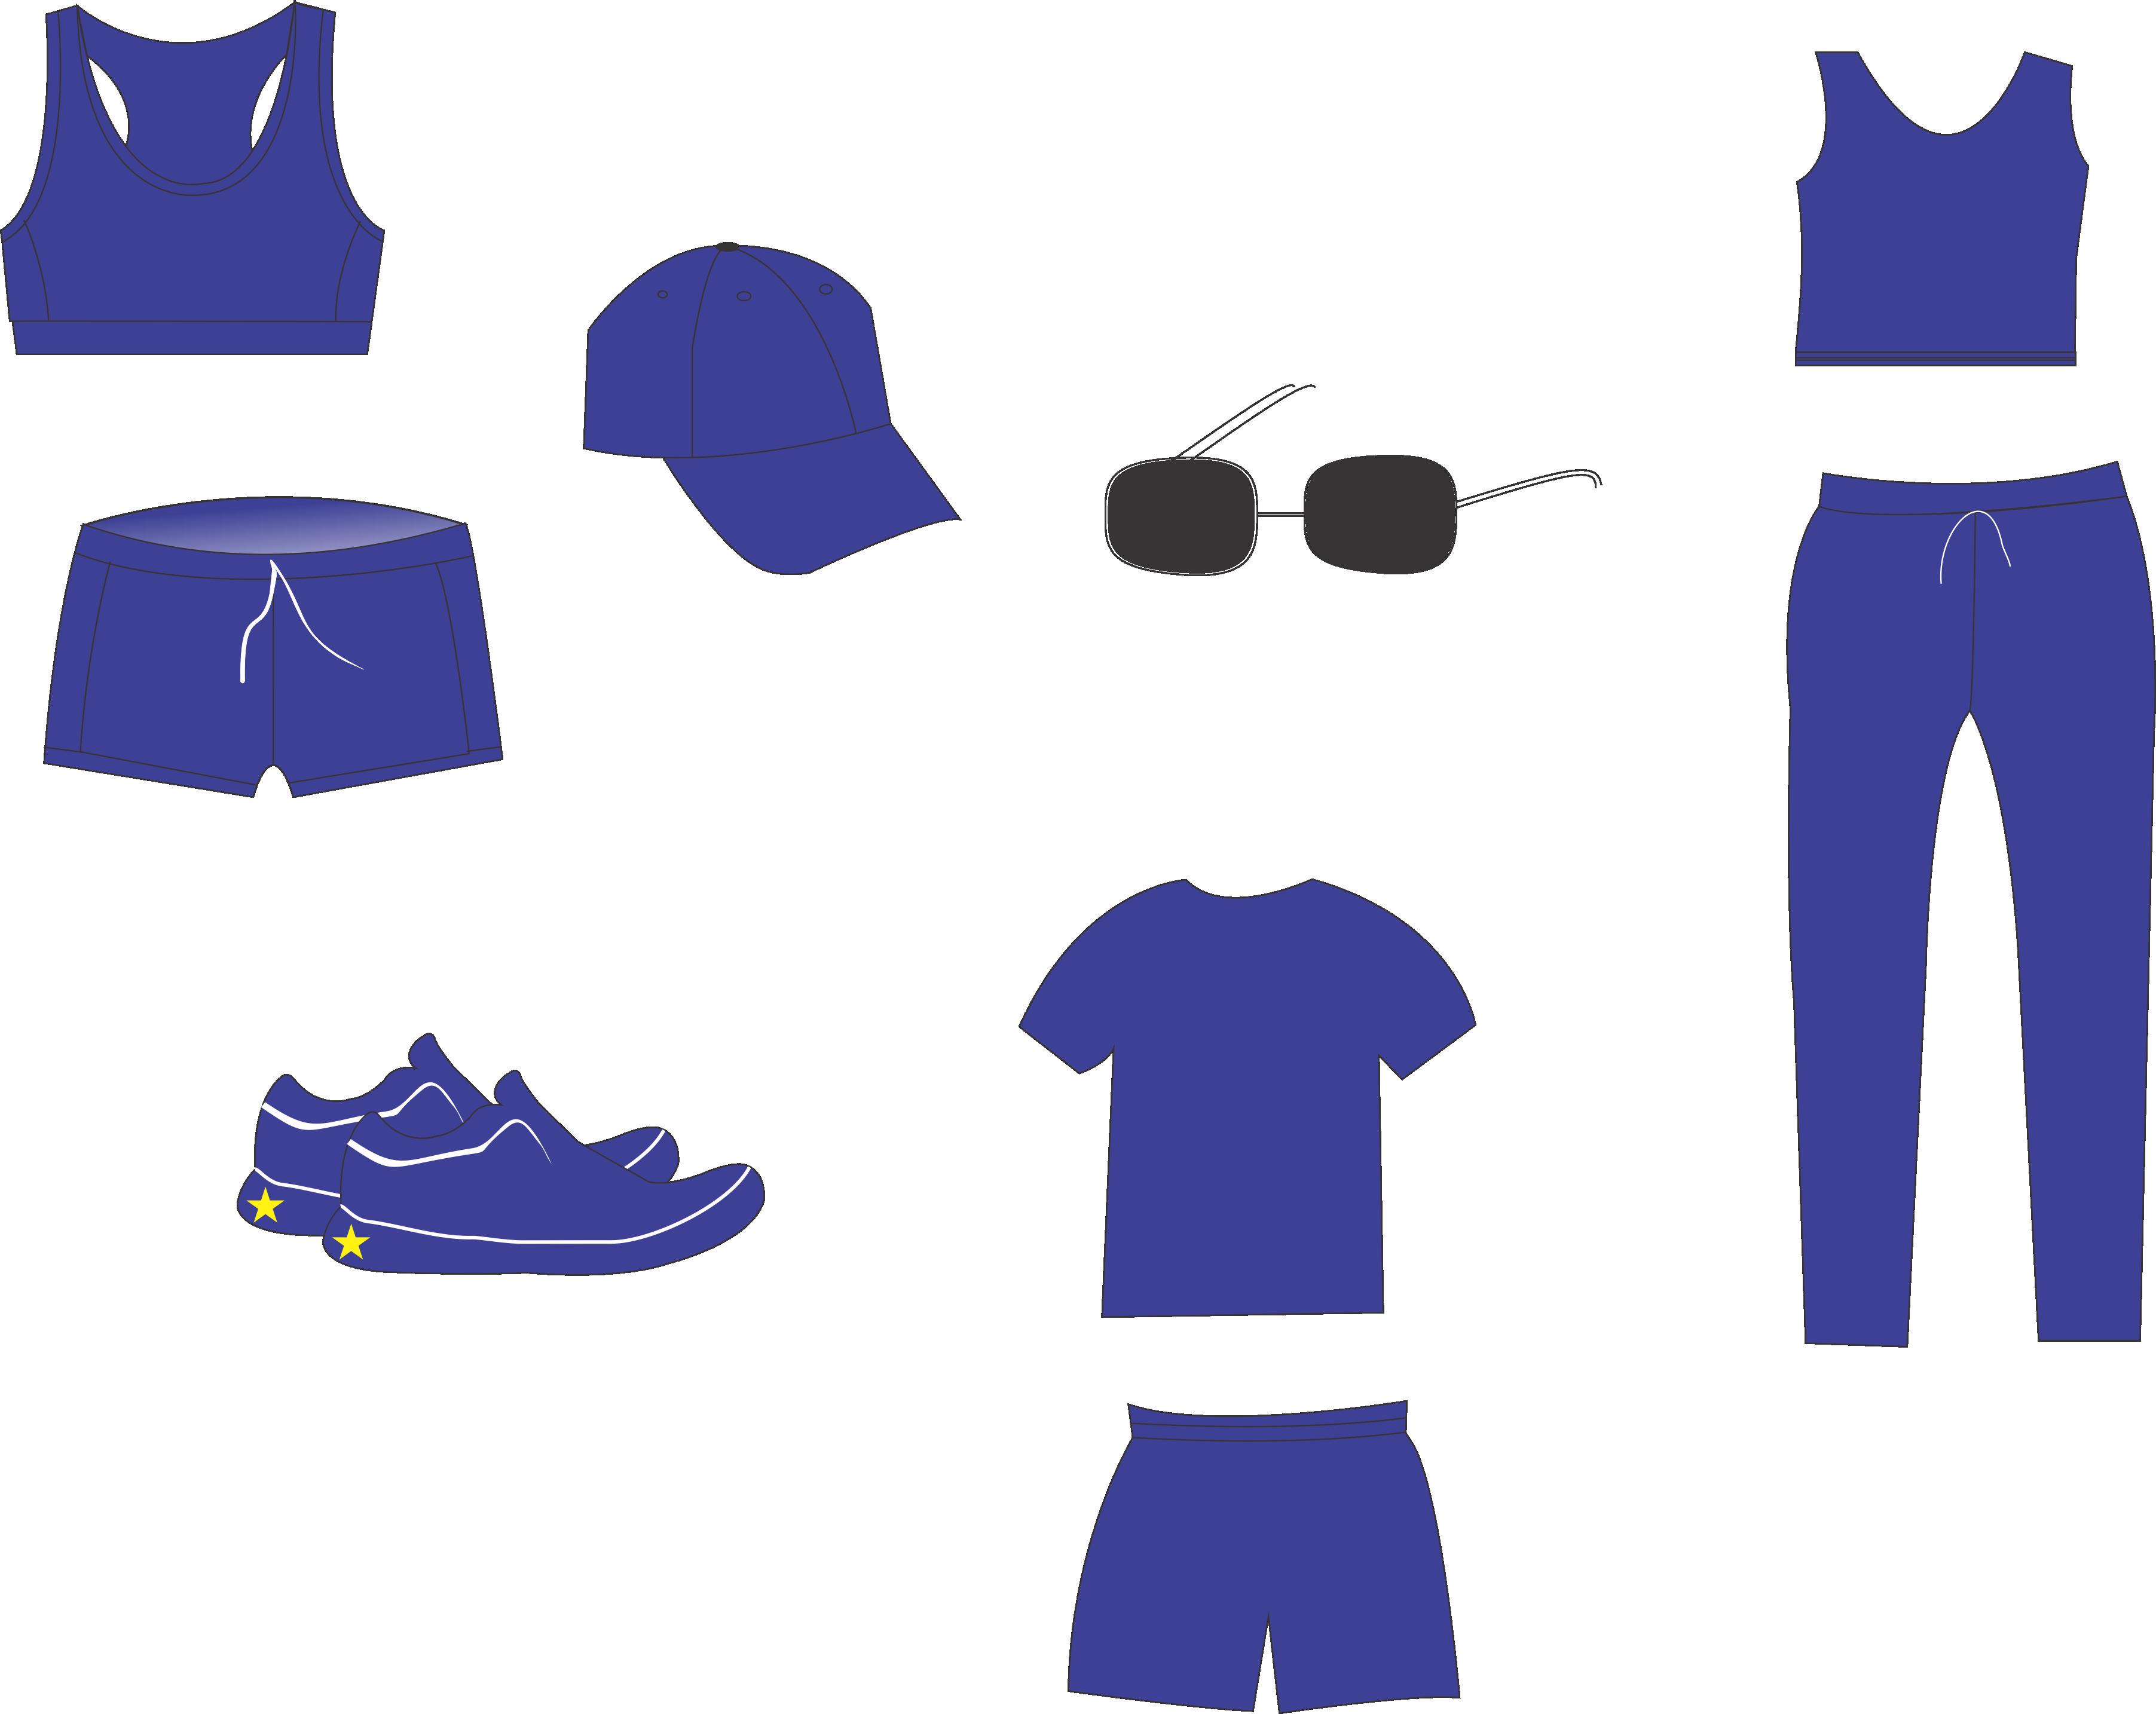 Hướng dẫn cách vẽ đồ thể thao đơn giản bằng corel